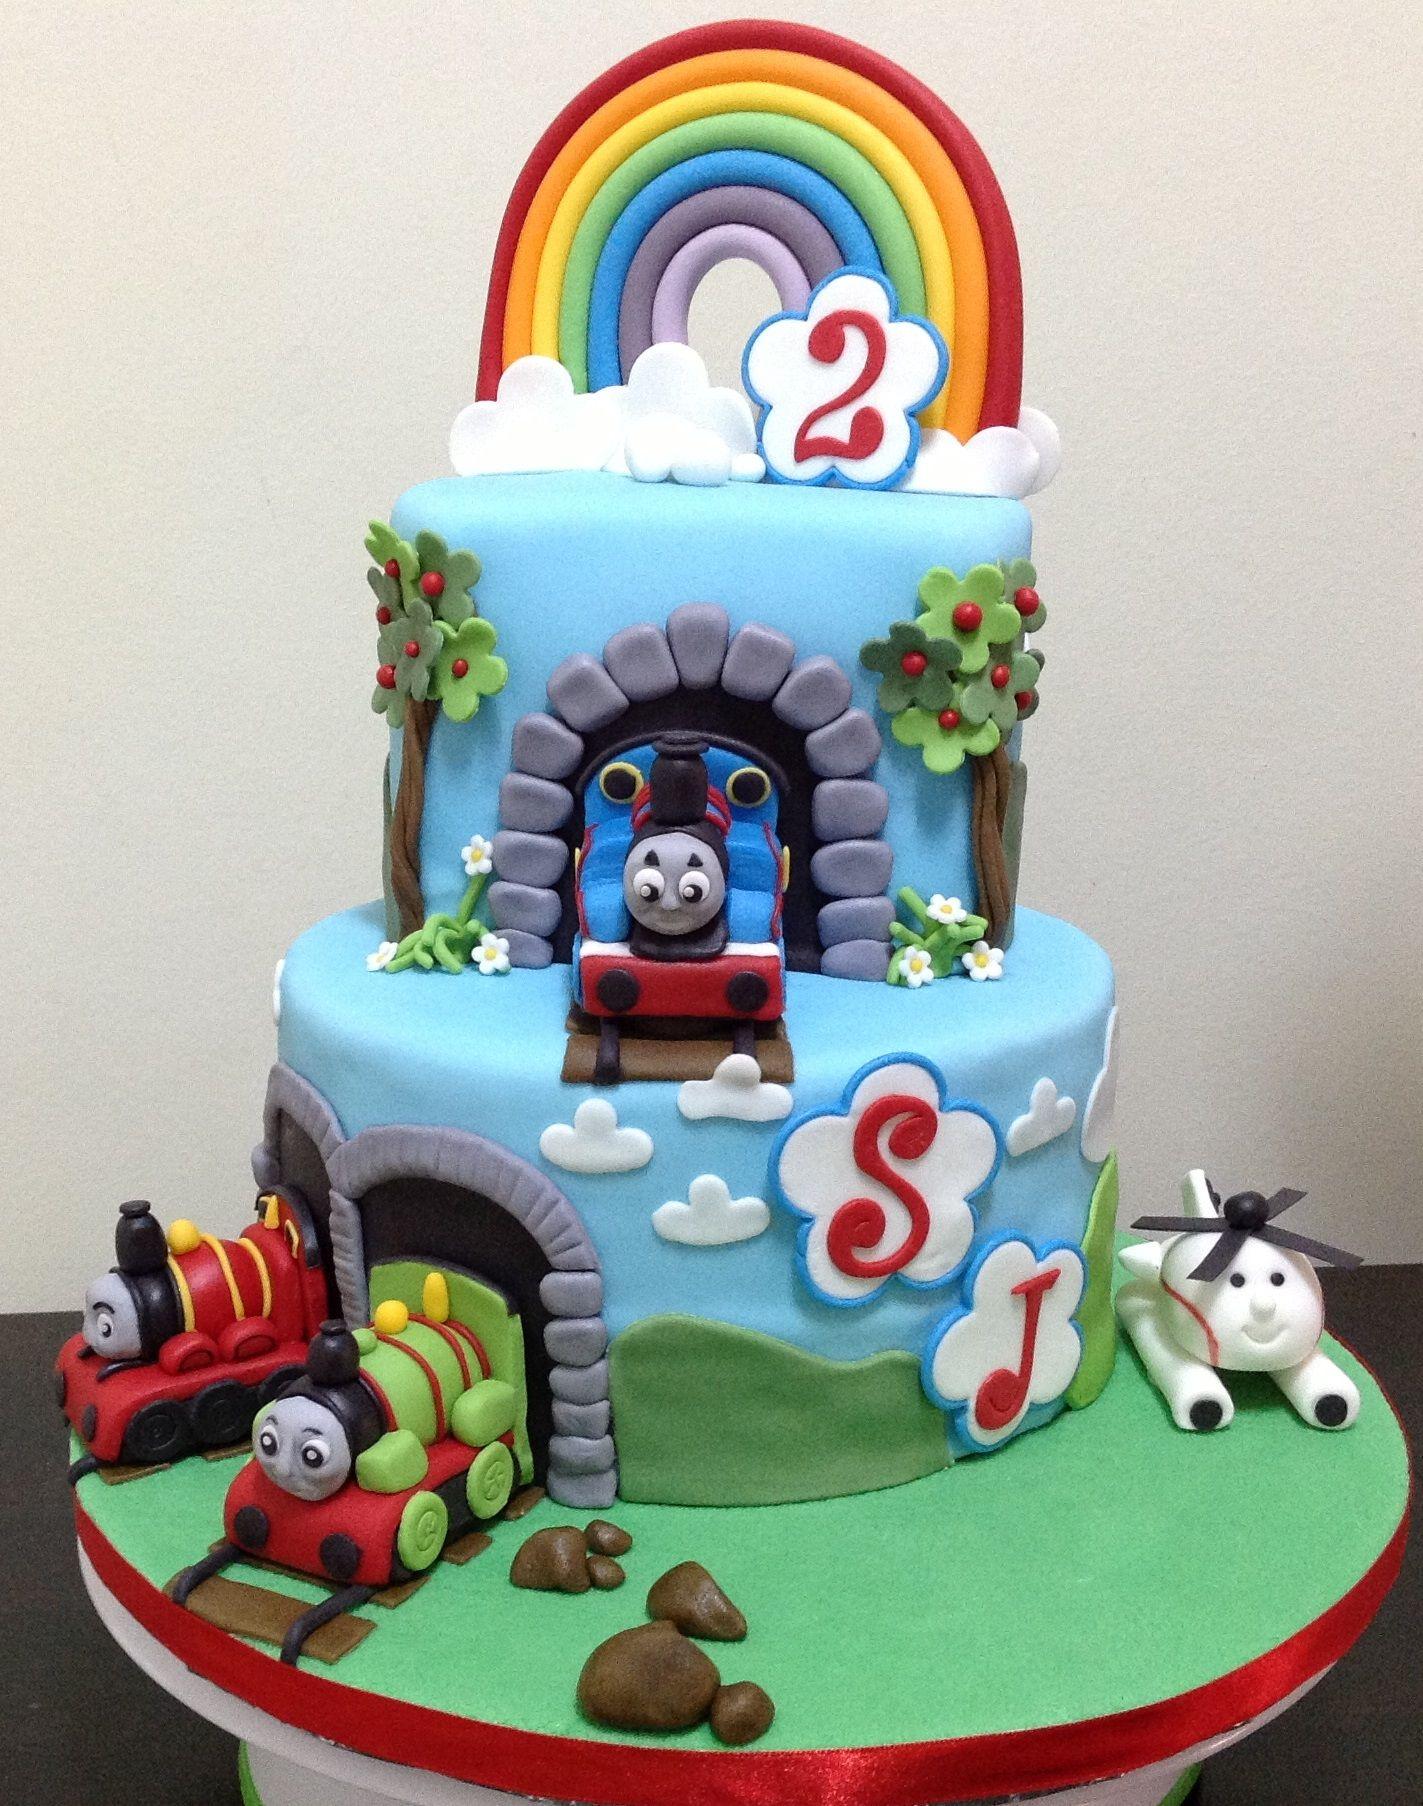 Thomas The Tank Engine 2nd Birthday Cake